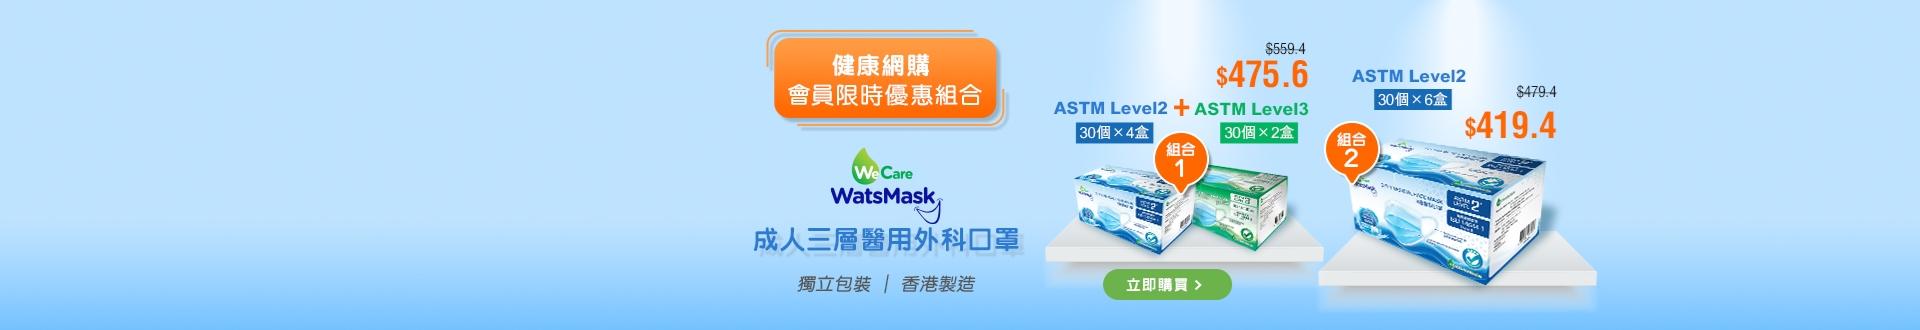 30sep_watsmaskpromo_2bundles